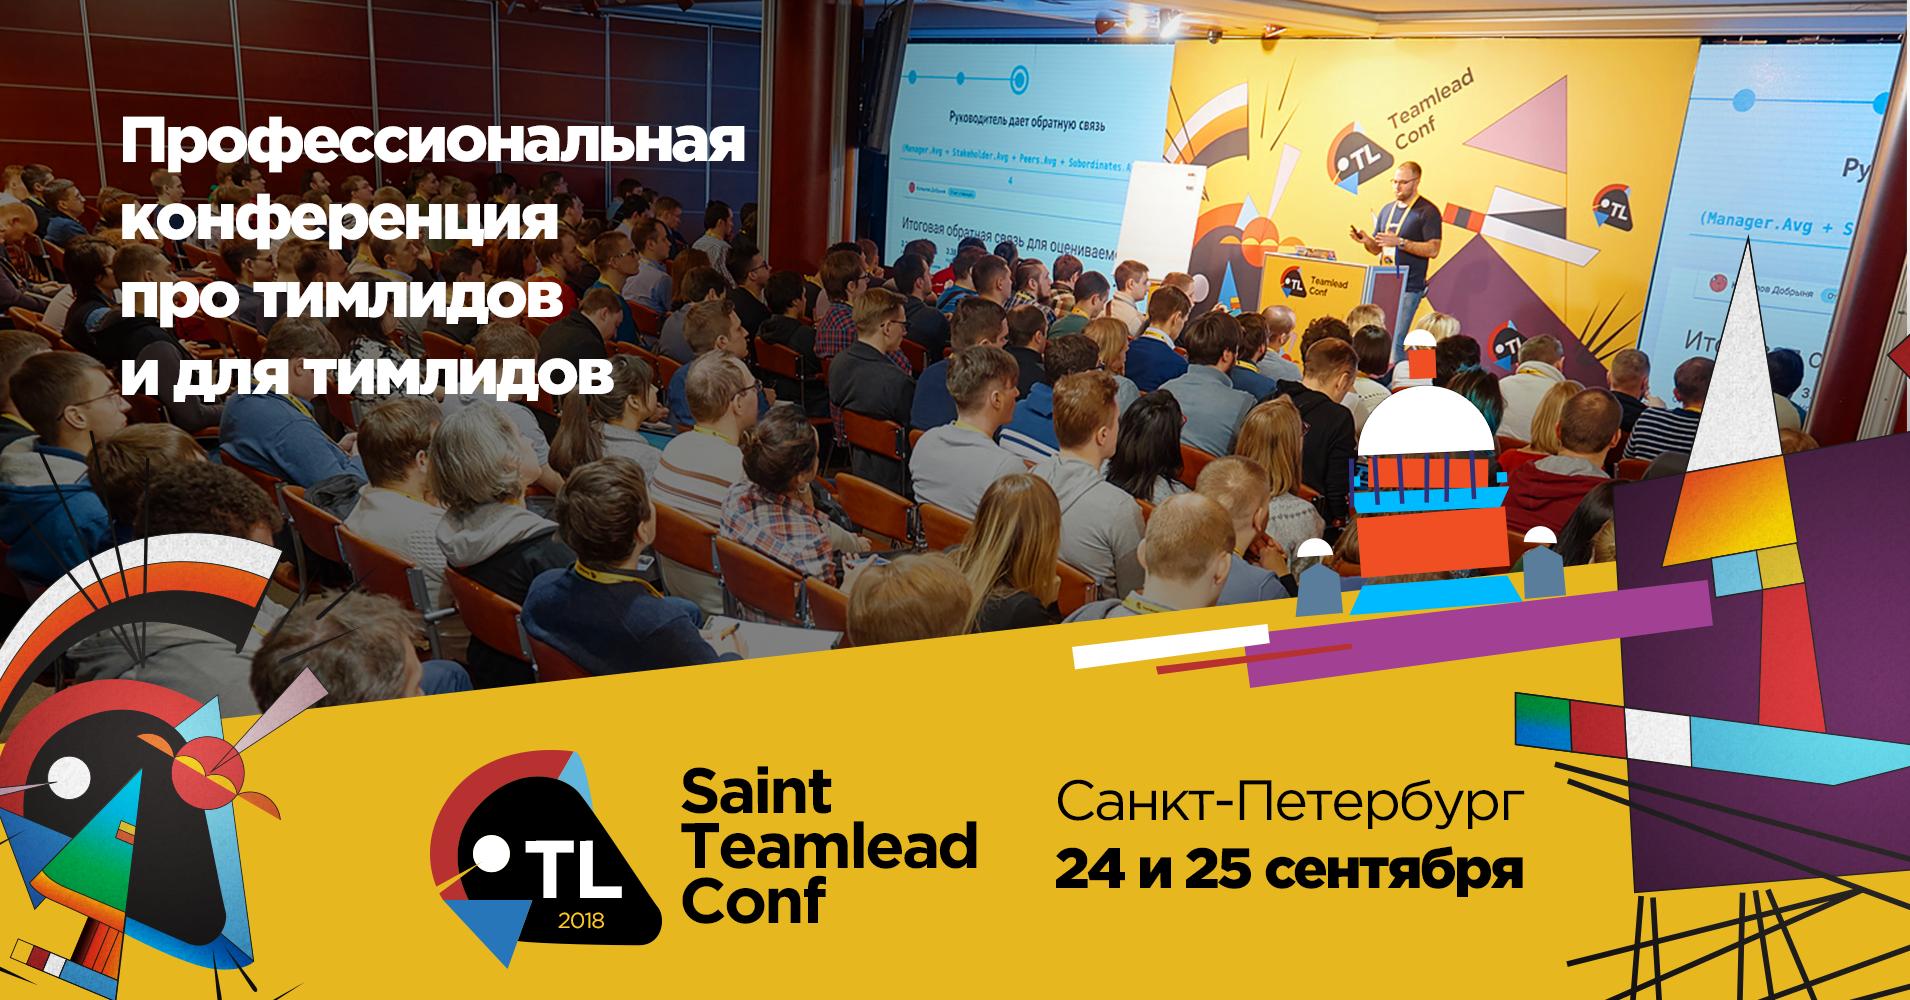 Отличаются ли проблемы тимлидов в Санкт-Петербурге, выясним на Saint TeamLead Conf - 1